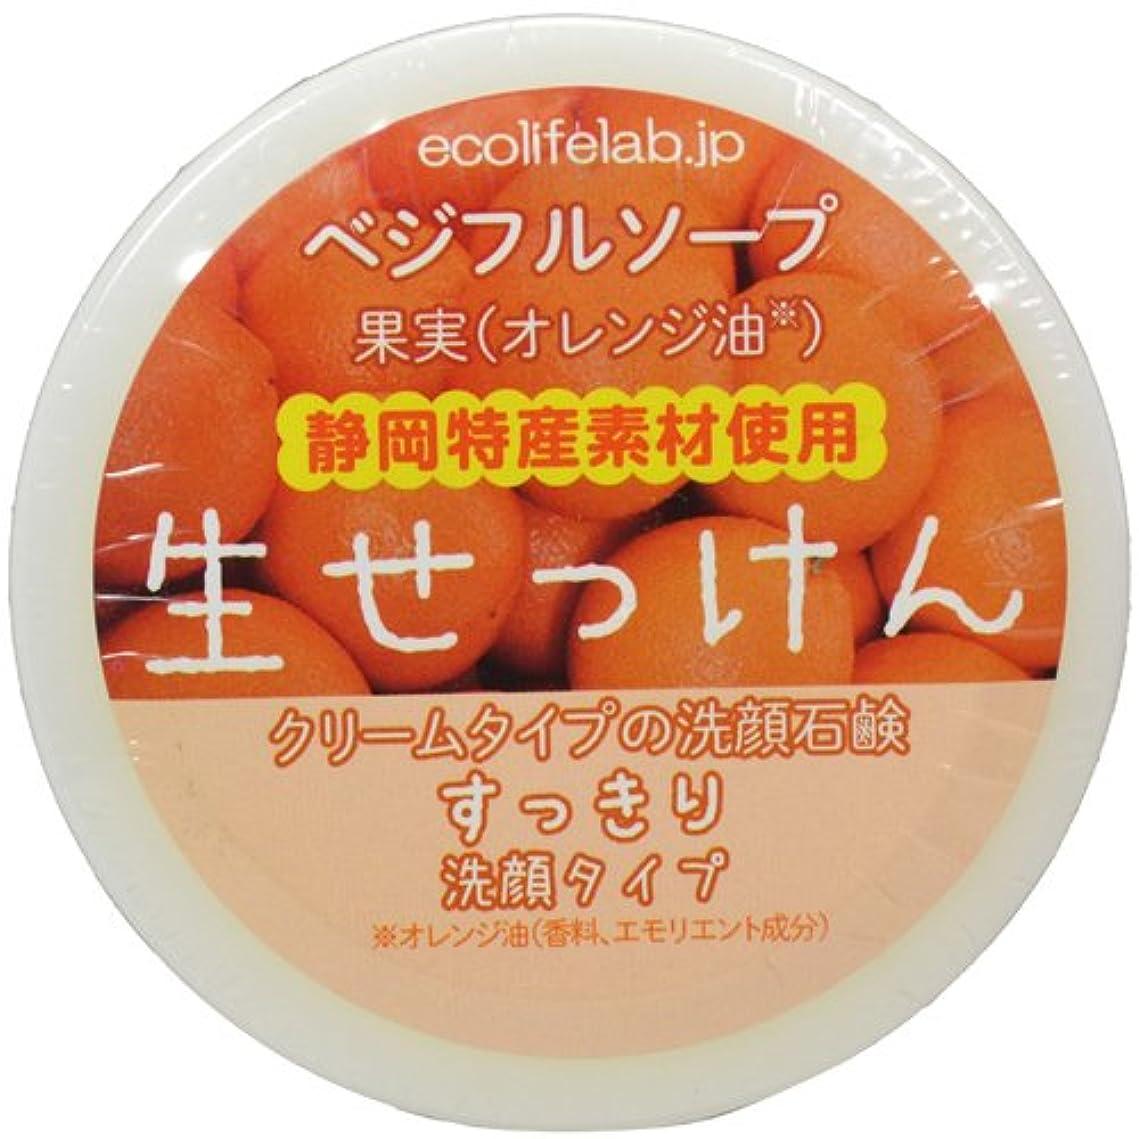 廃止する被る合わせてベジフルソープ 生せっけん(果実) すっきり洗顔タイプ 40g